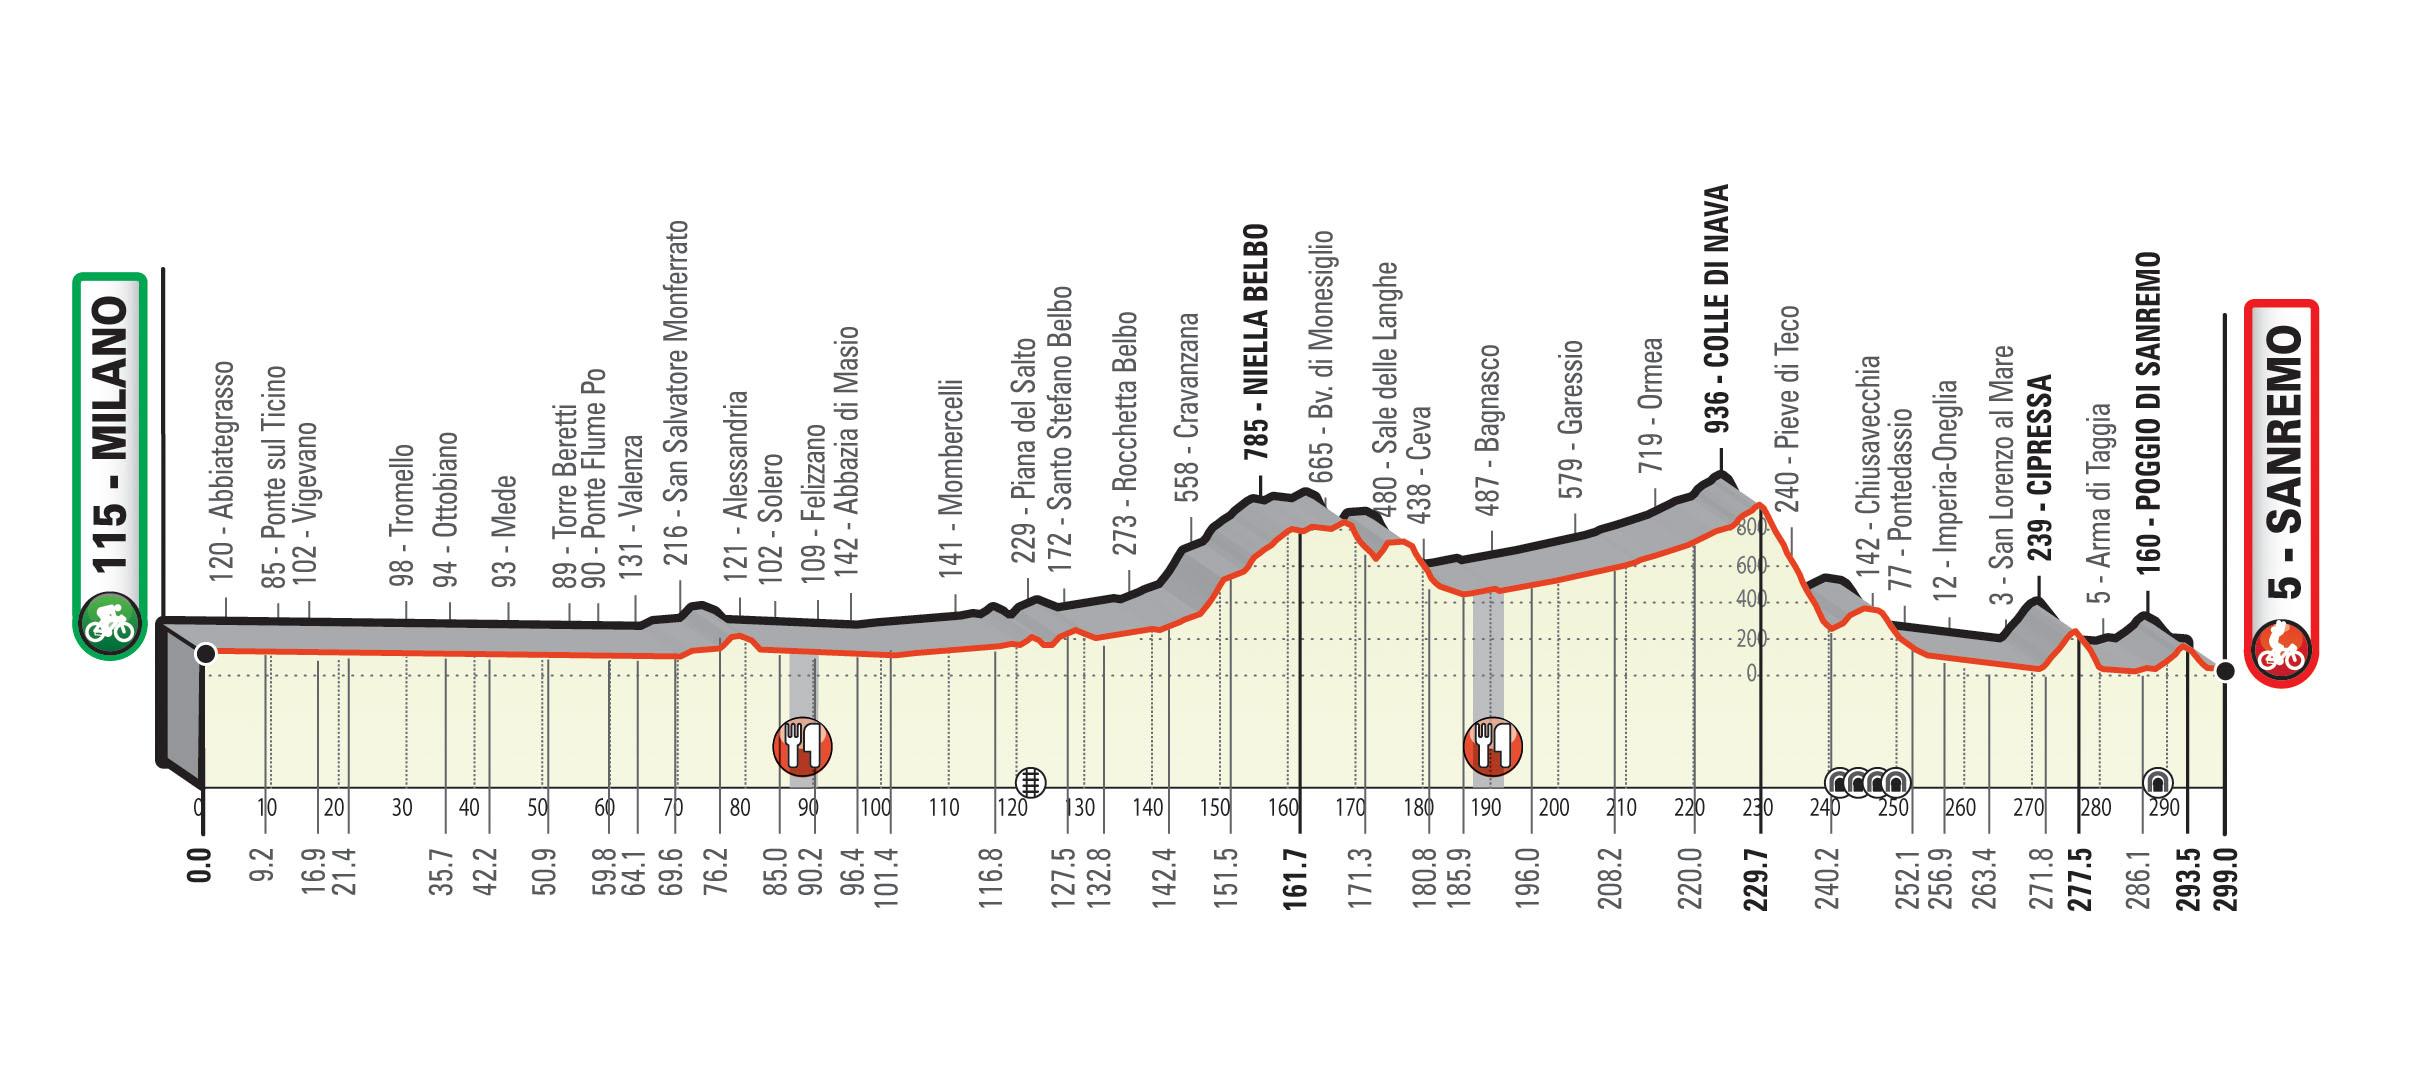 L'altimetria della Milano Sanremo 2020